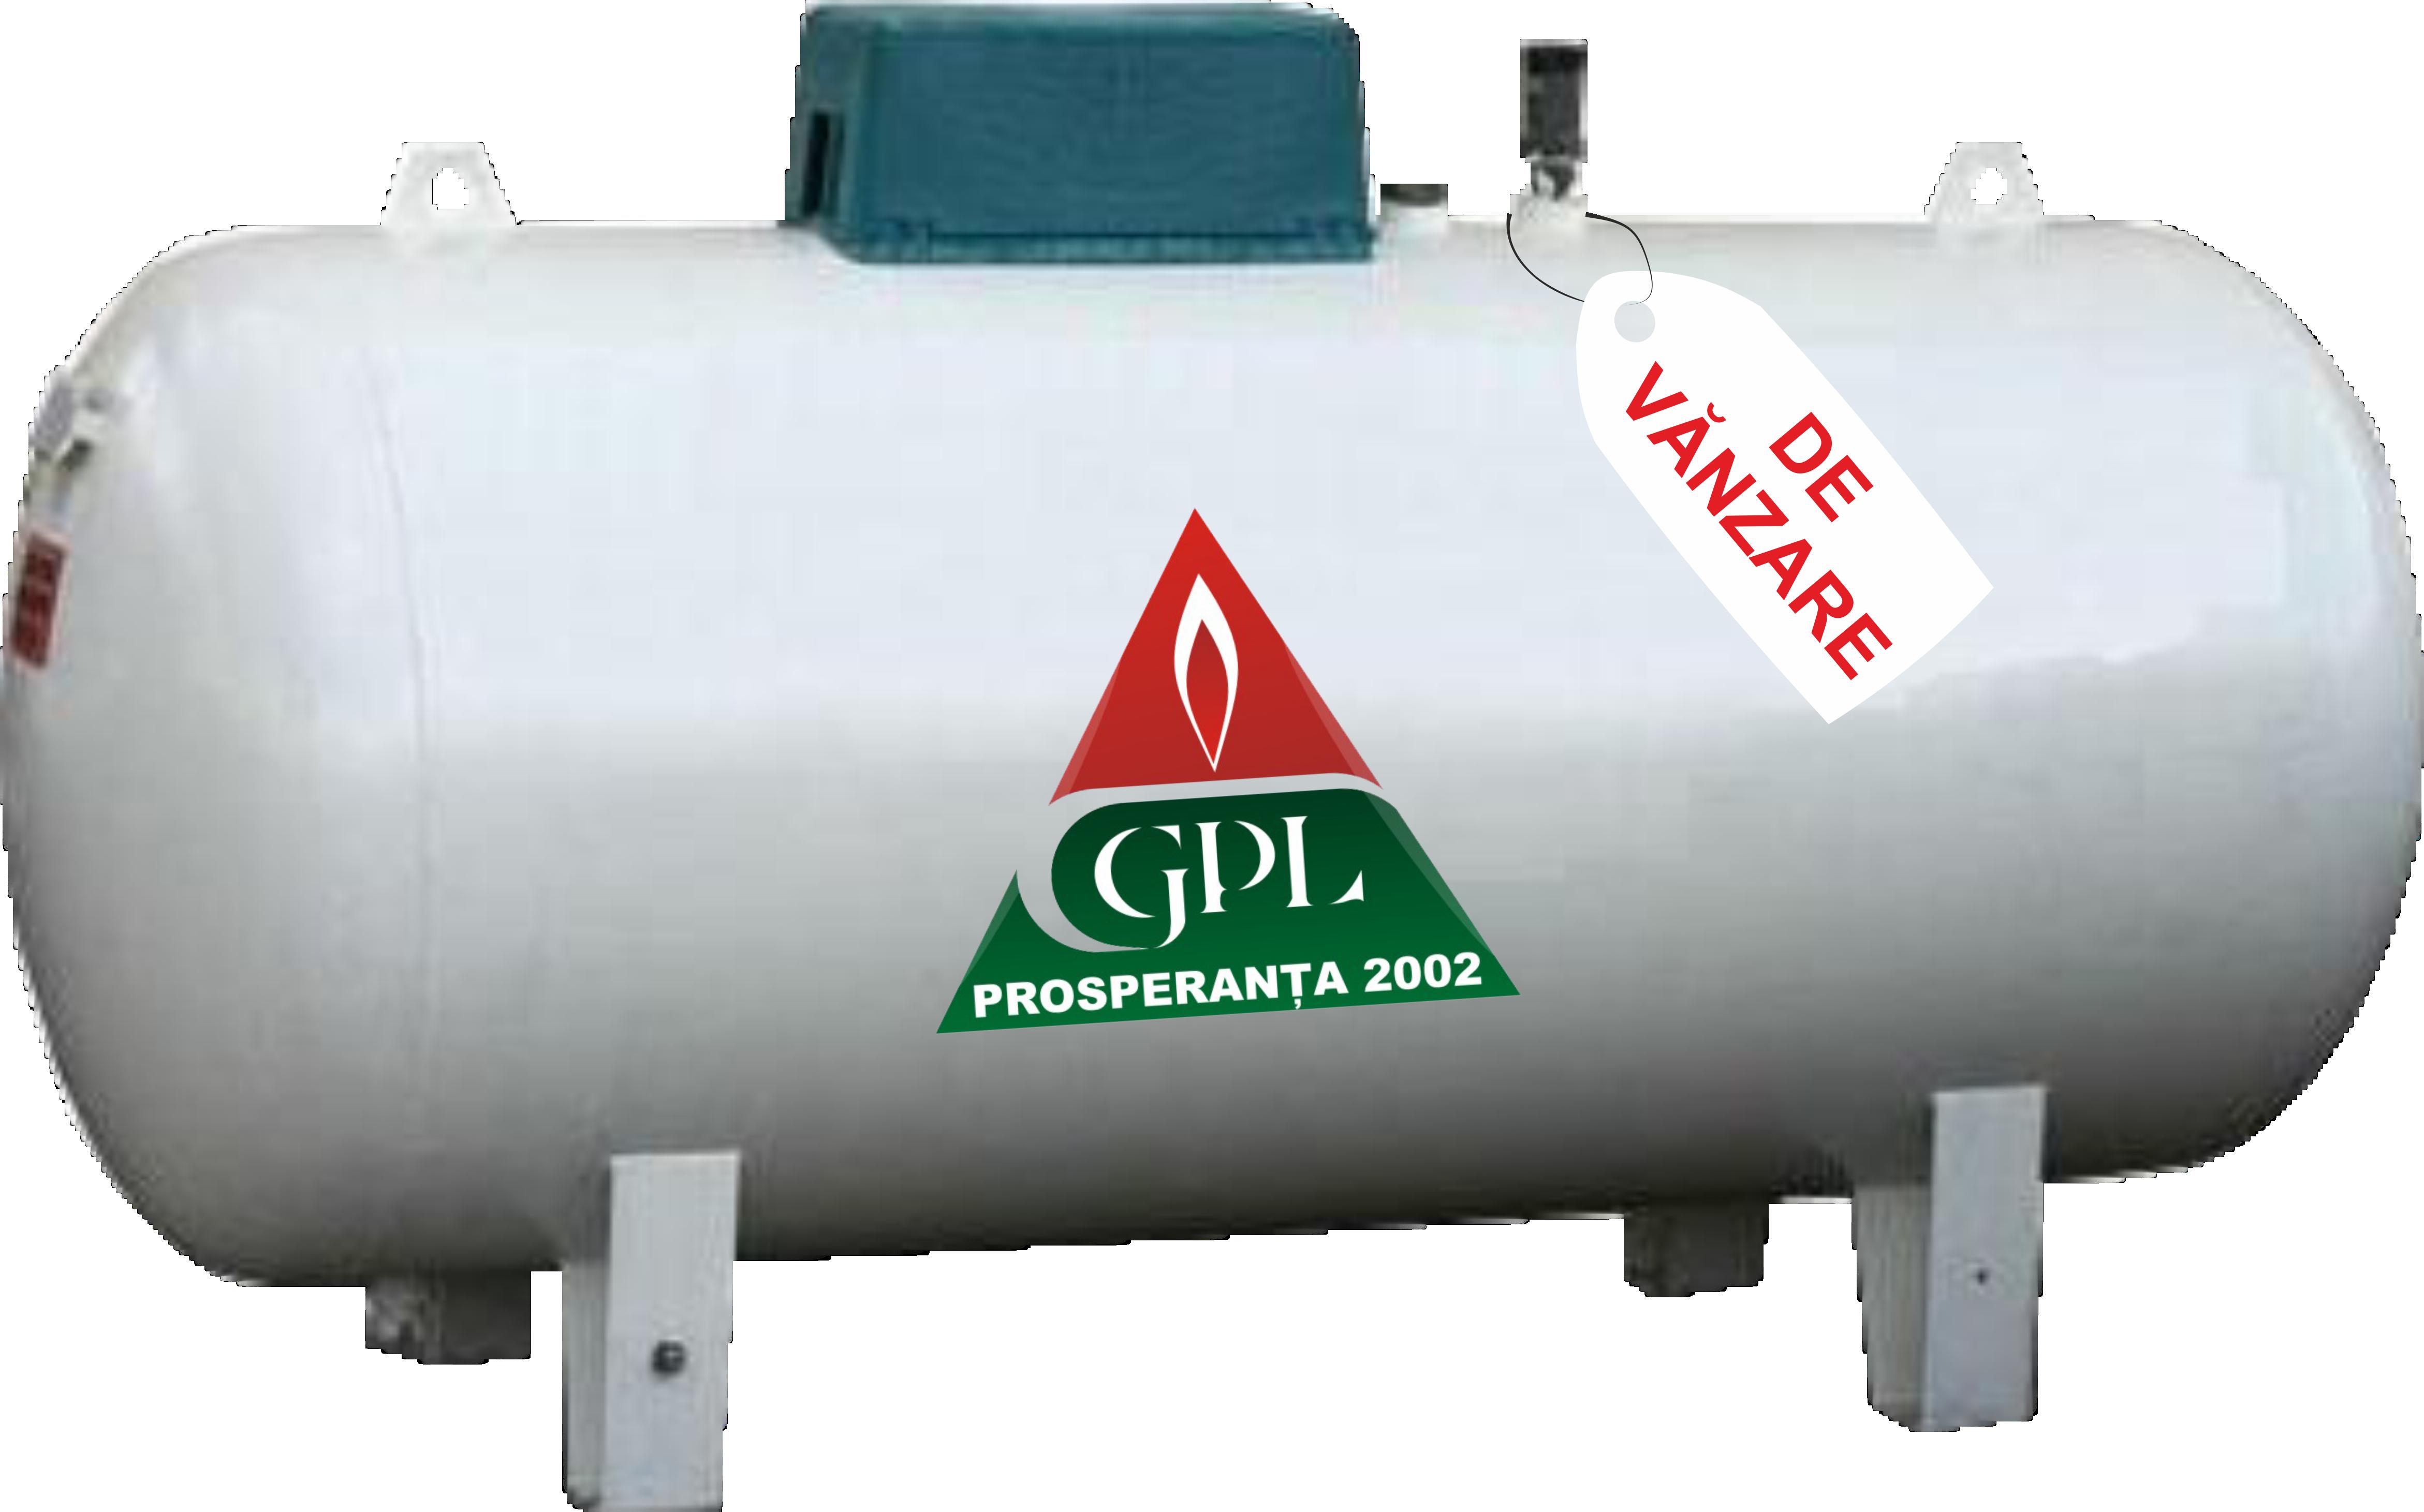 vanzare rezervoare gpl